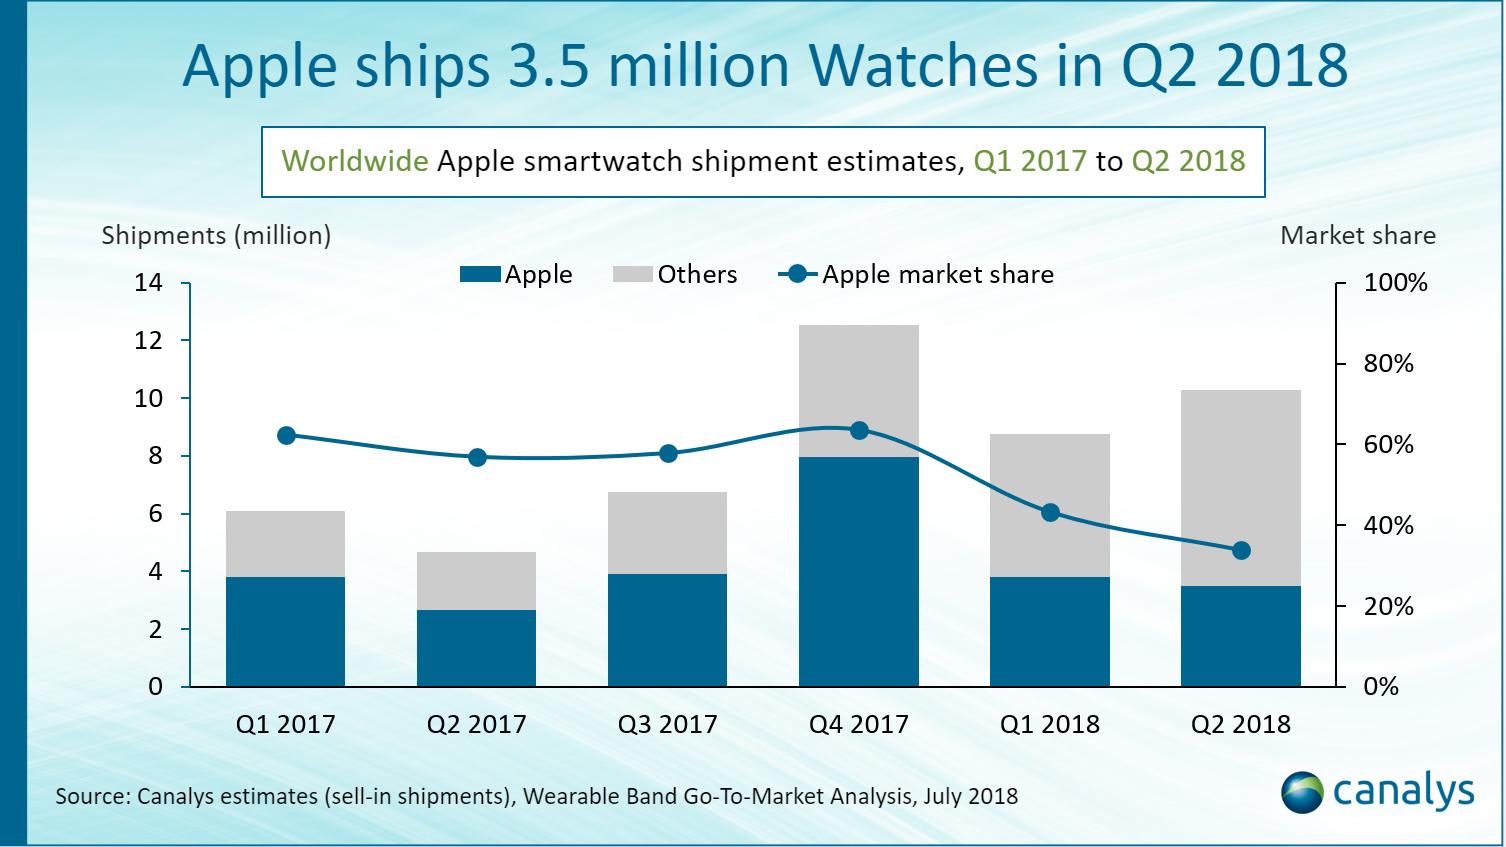 Gráfica de los envíos de Apple Watch por trimestre